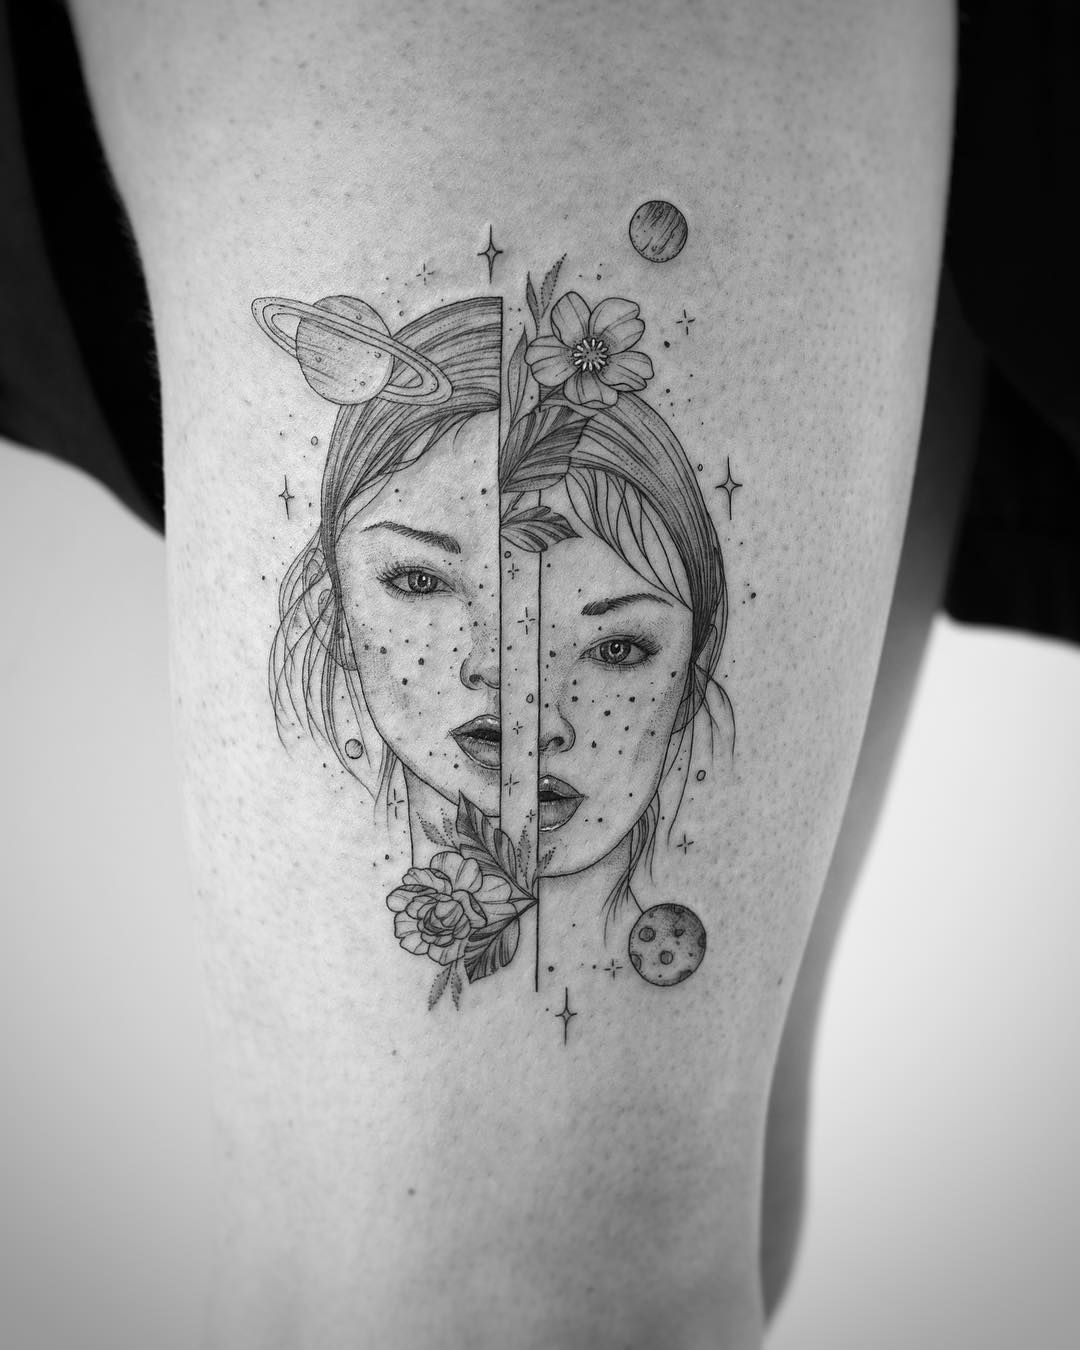 Fine Line Tattoo By Jessica Joy Tattoo Tattoodesign